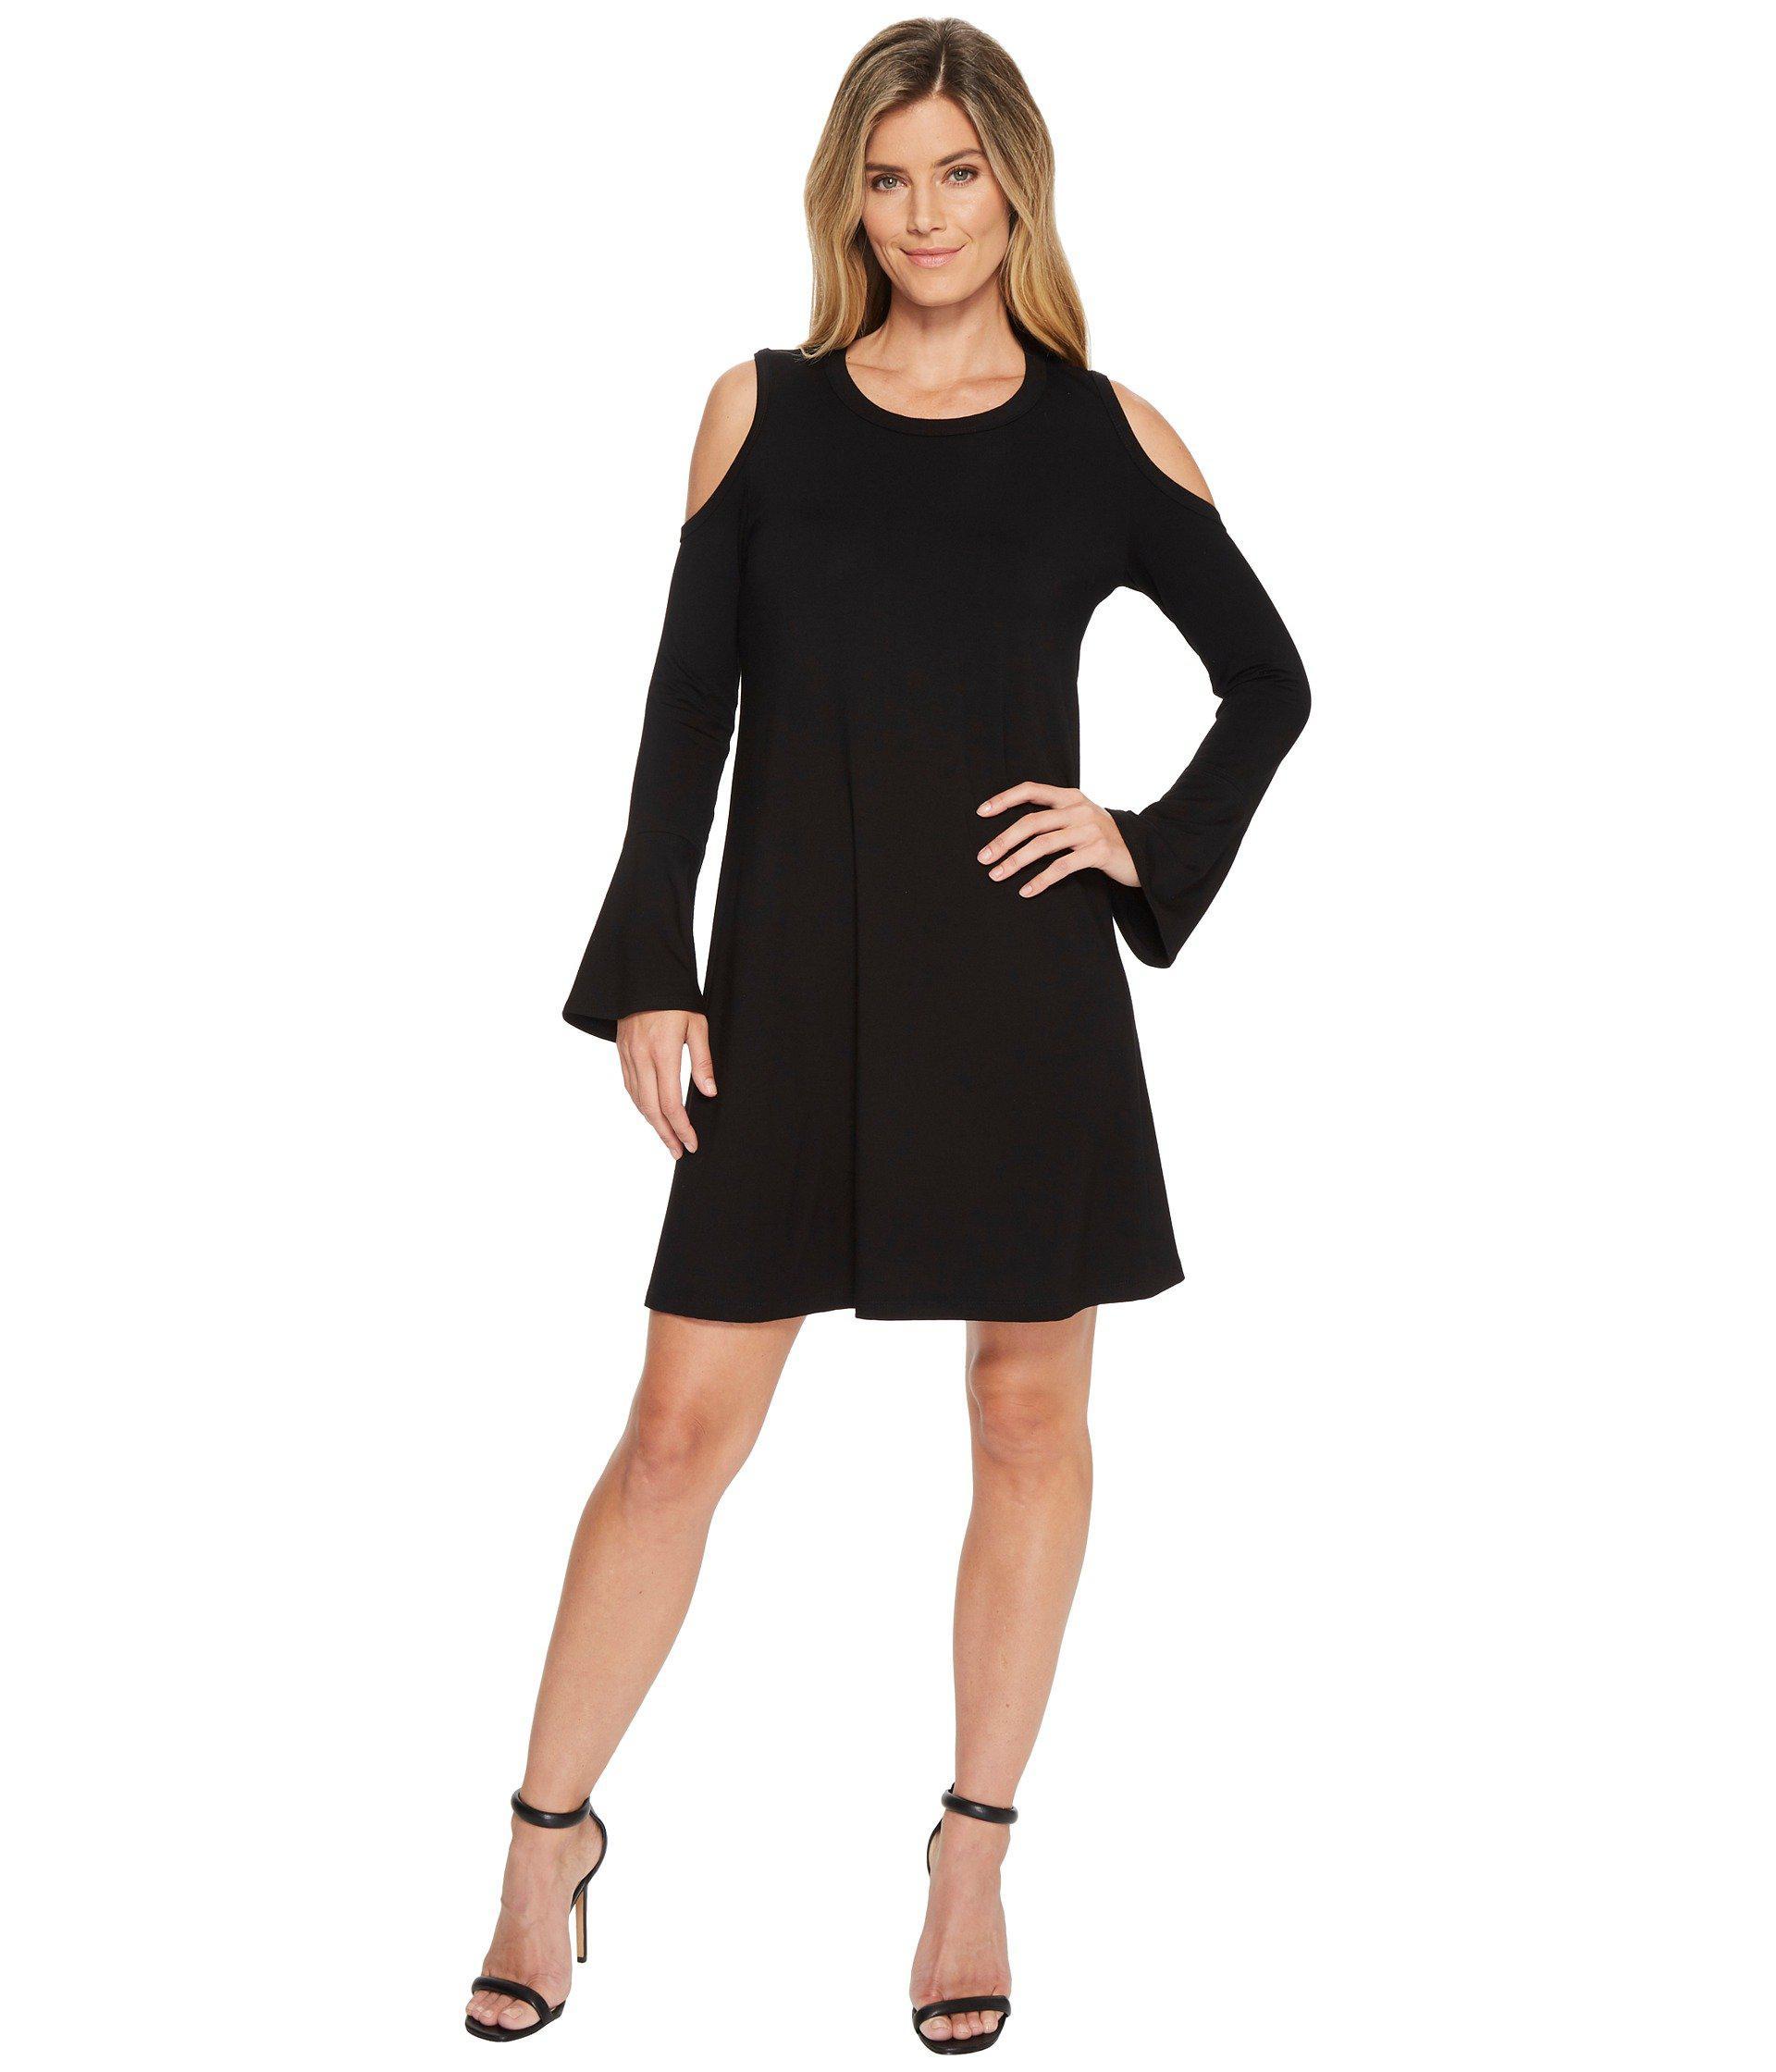 90020a70b1c Lyst - Karen Kane Cold Shoulder Dress in Black - Save 49%